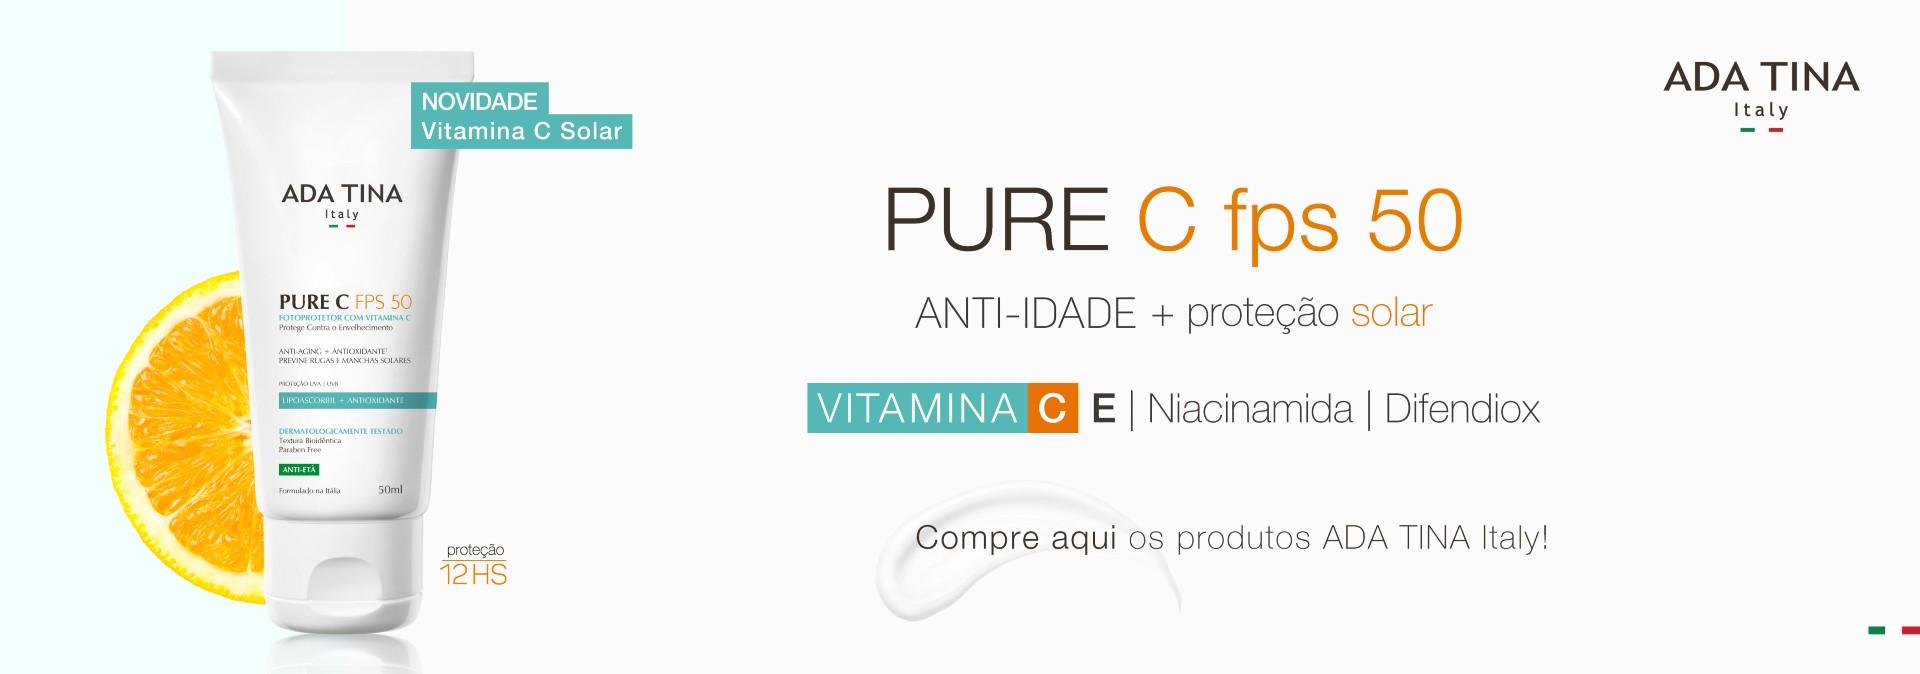 Pure-C-fps-50